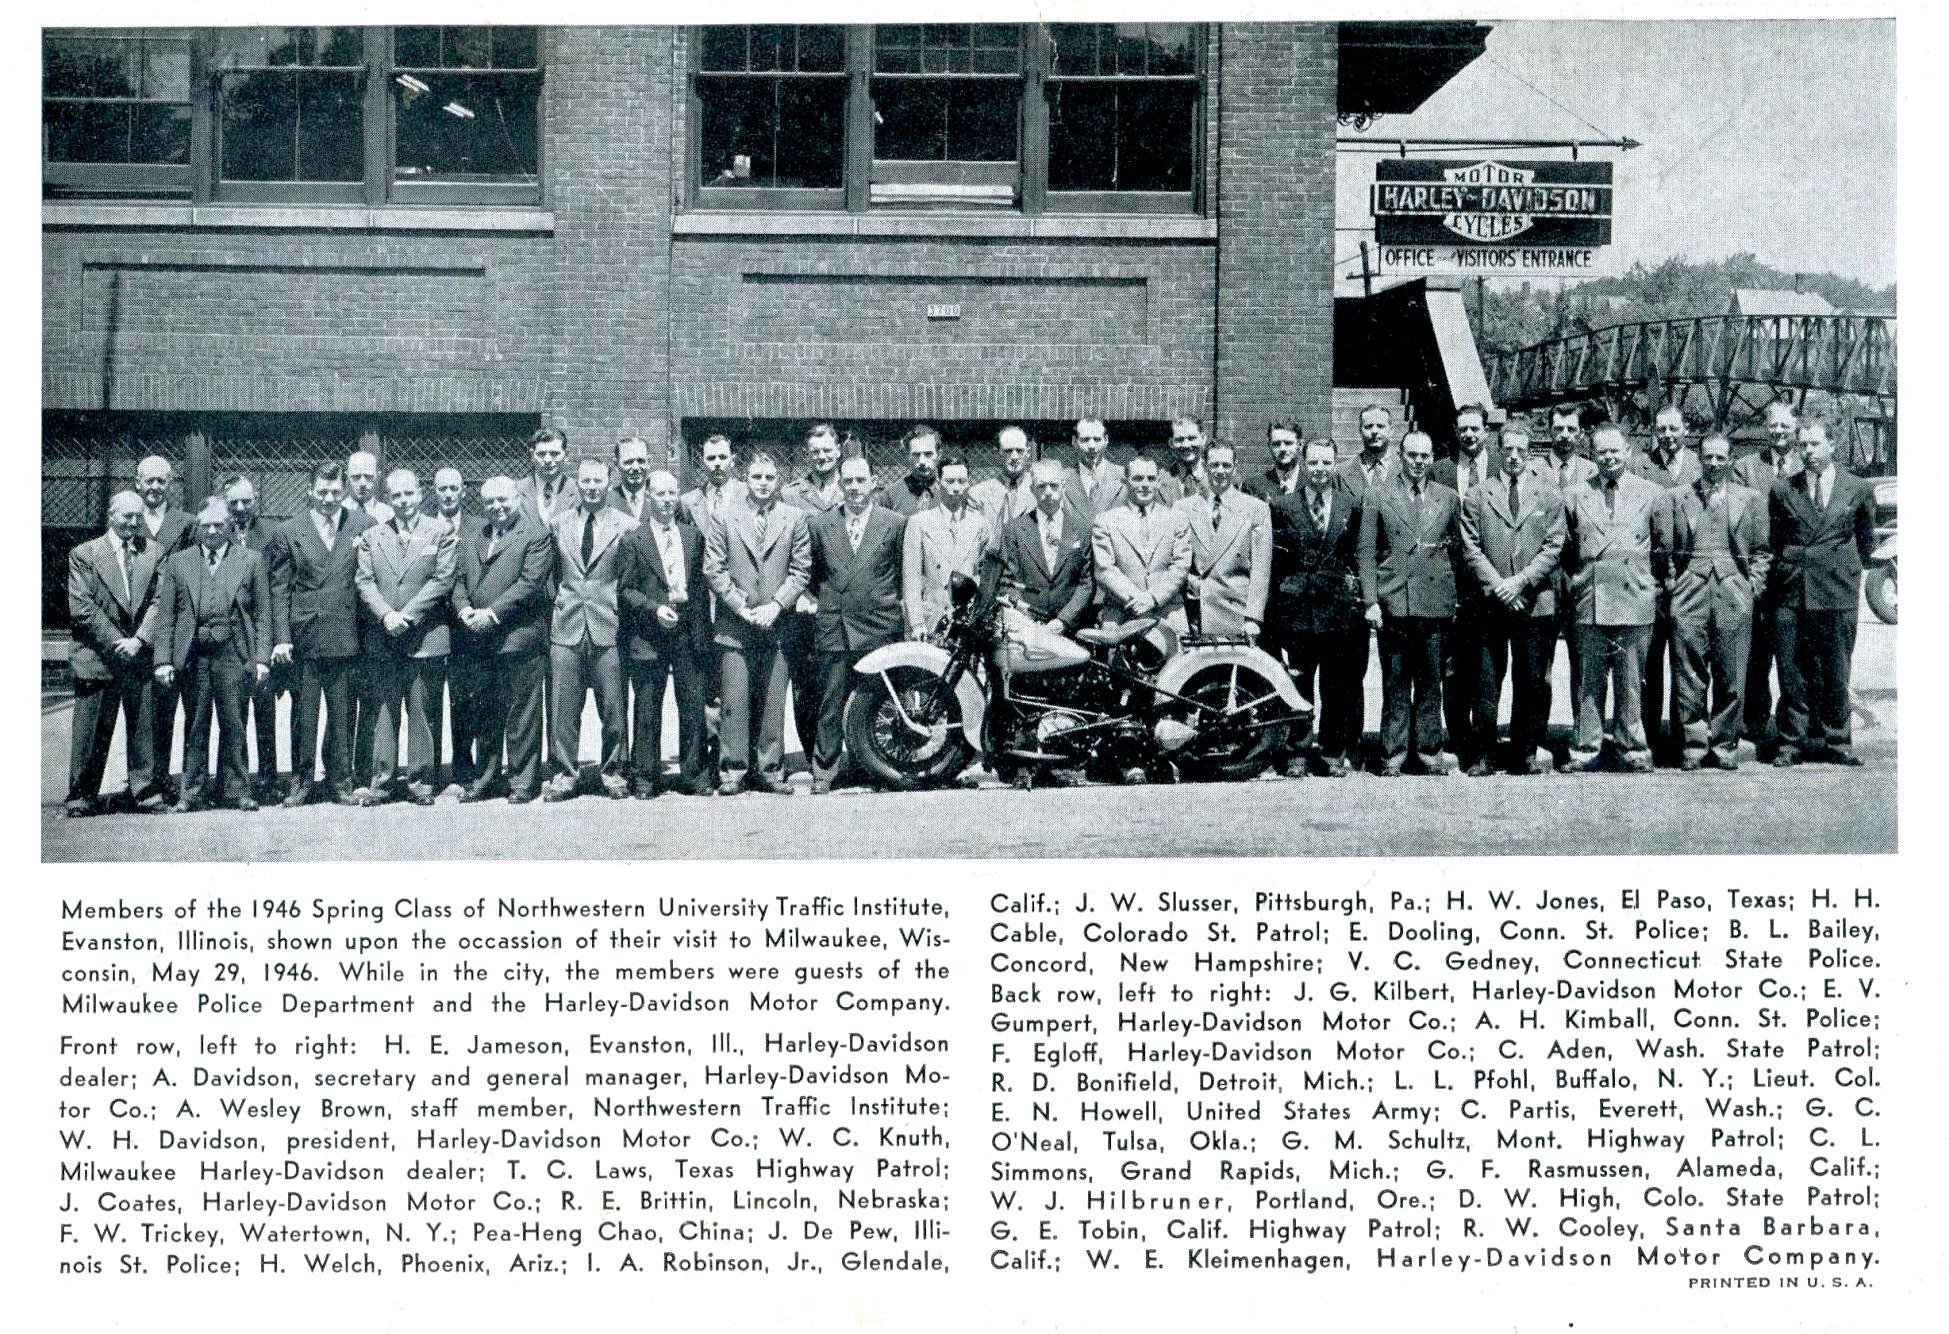 Visita a la fábrica - Knucklehead de 1946